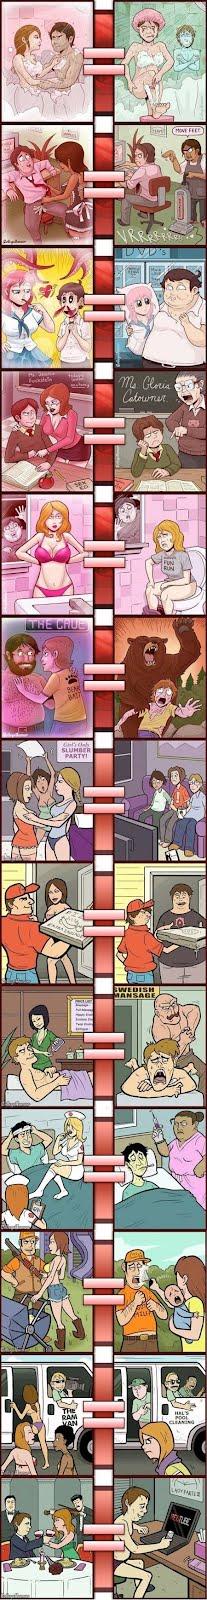 Pornografia vs la realidad 3